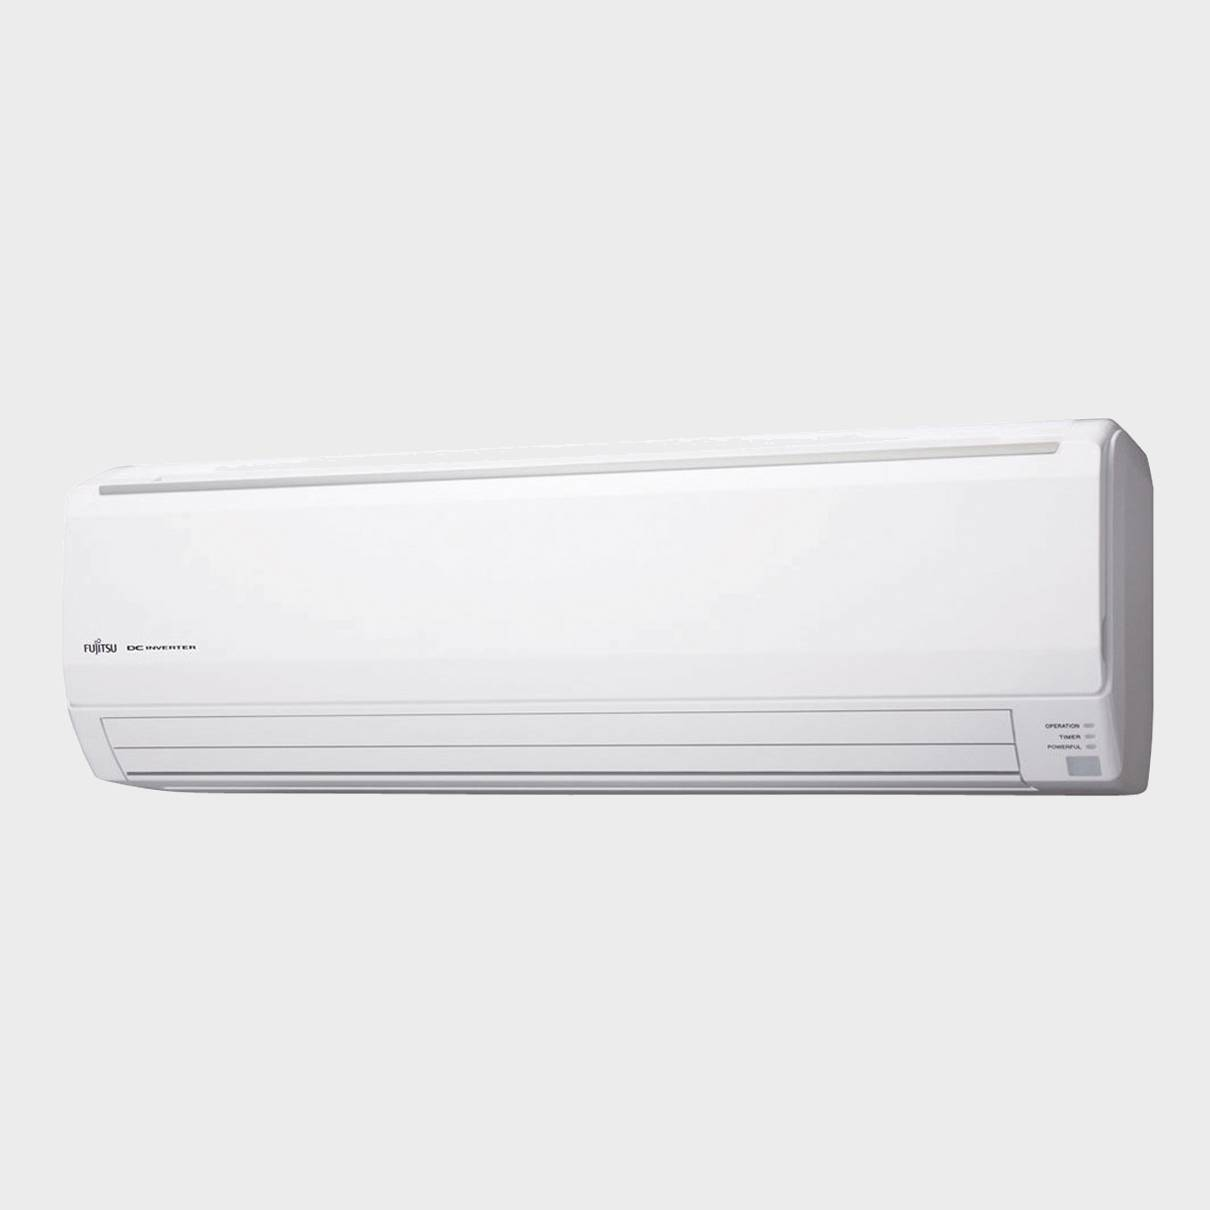 Aire acondicionado conductos fujitsu asy 50 ub r410 for Conductos de aire acondicionado